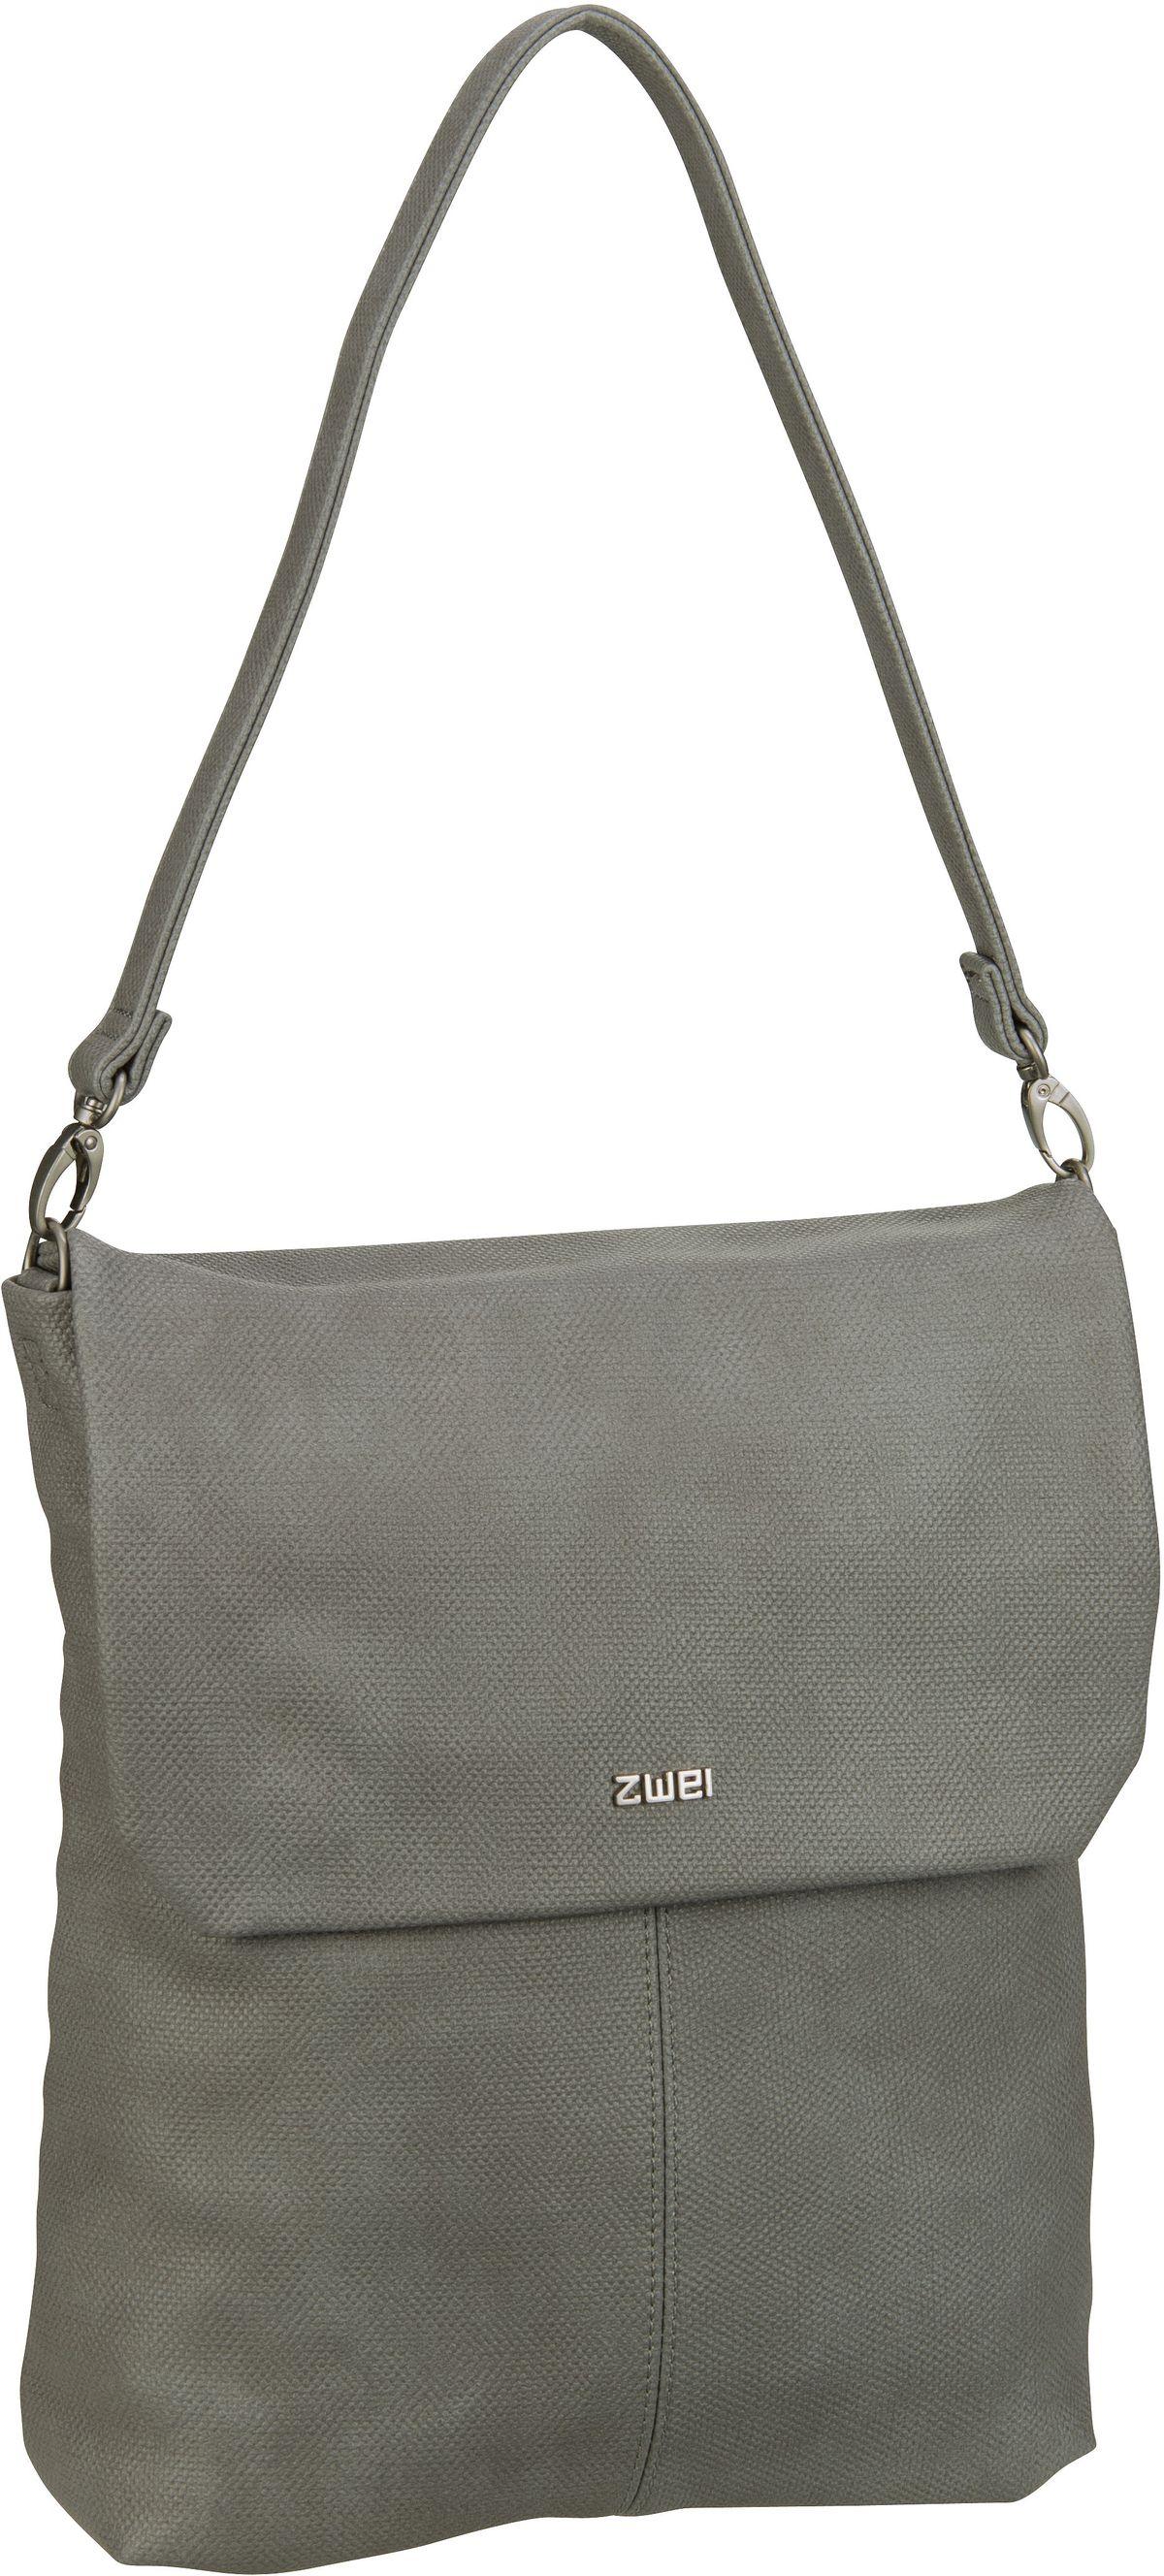 Handtasche Mademoiselle MT15 Canvas/Grey (7 Liter)